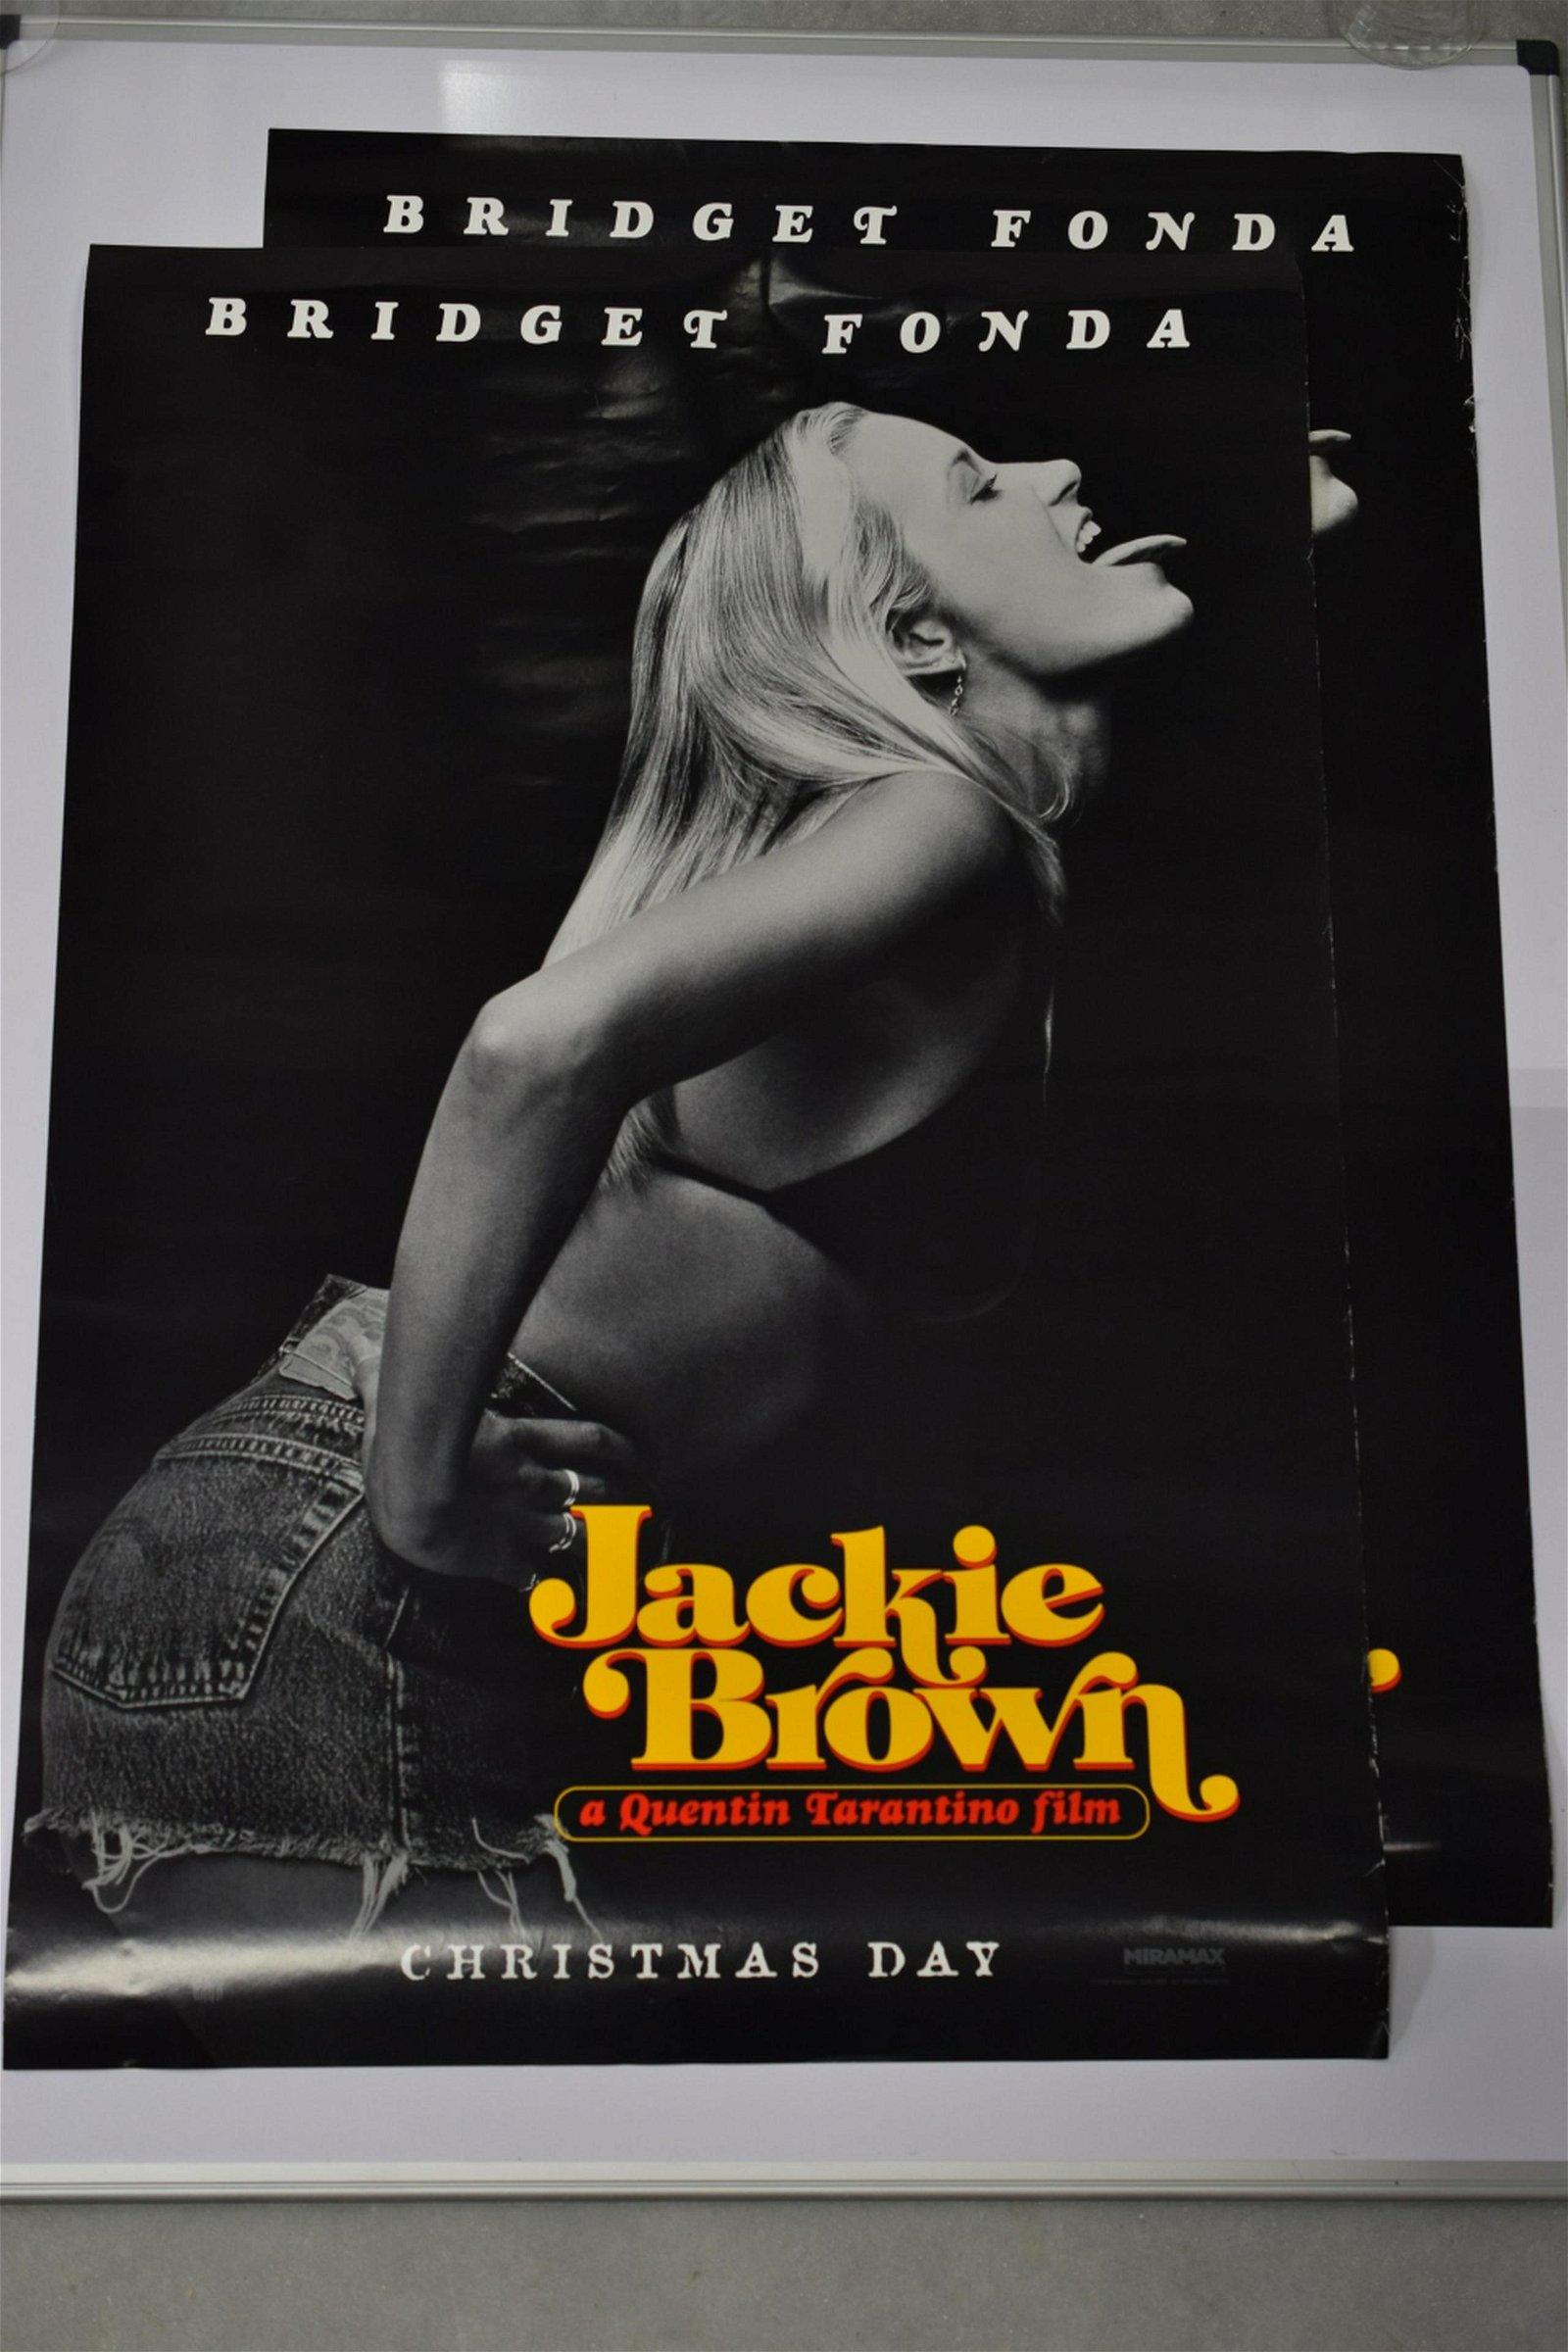 3 JACKIE BROWN MOVIE POSTERS FONDA & DE NIRO